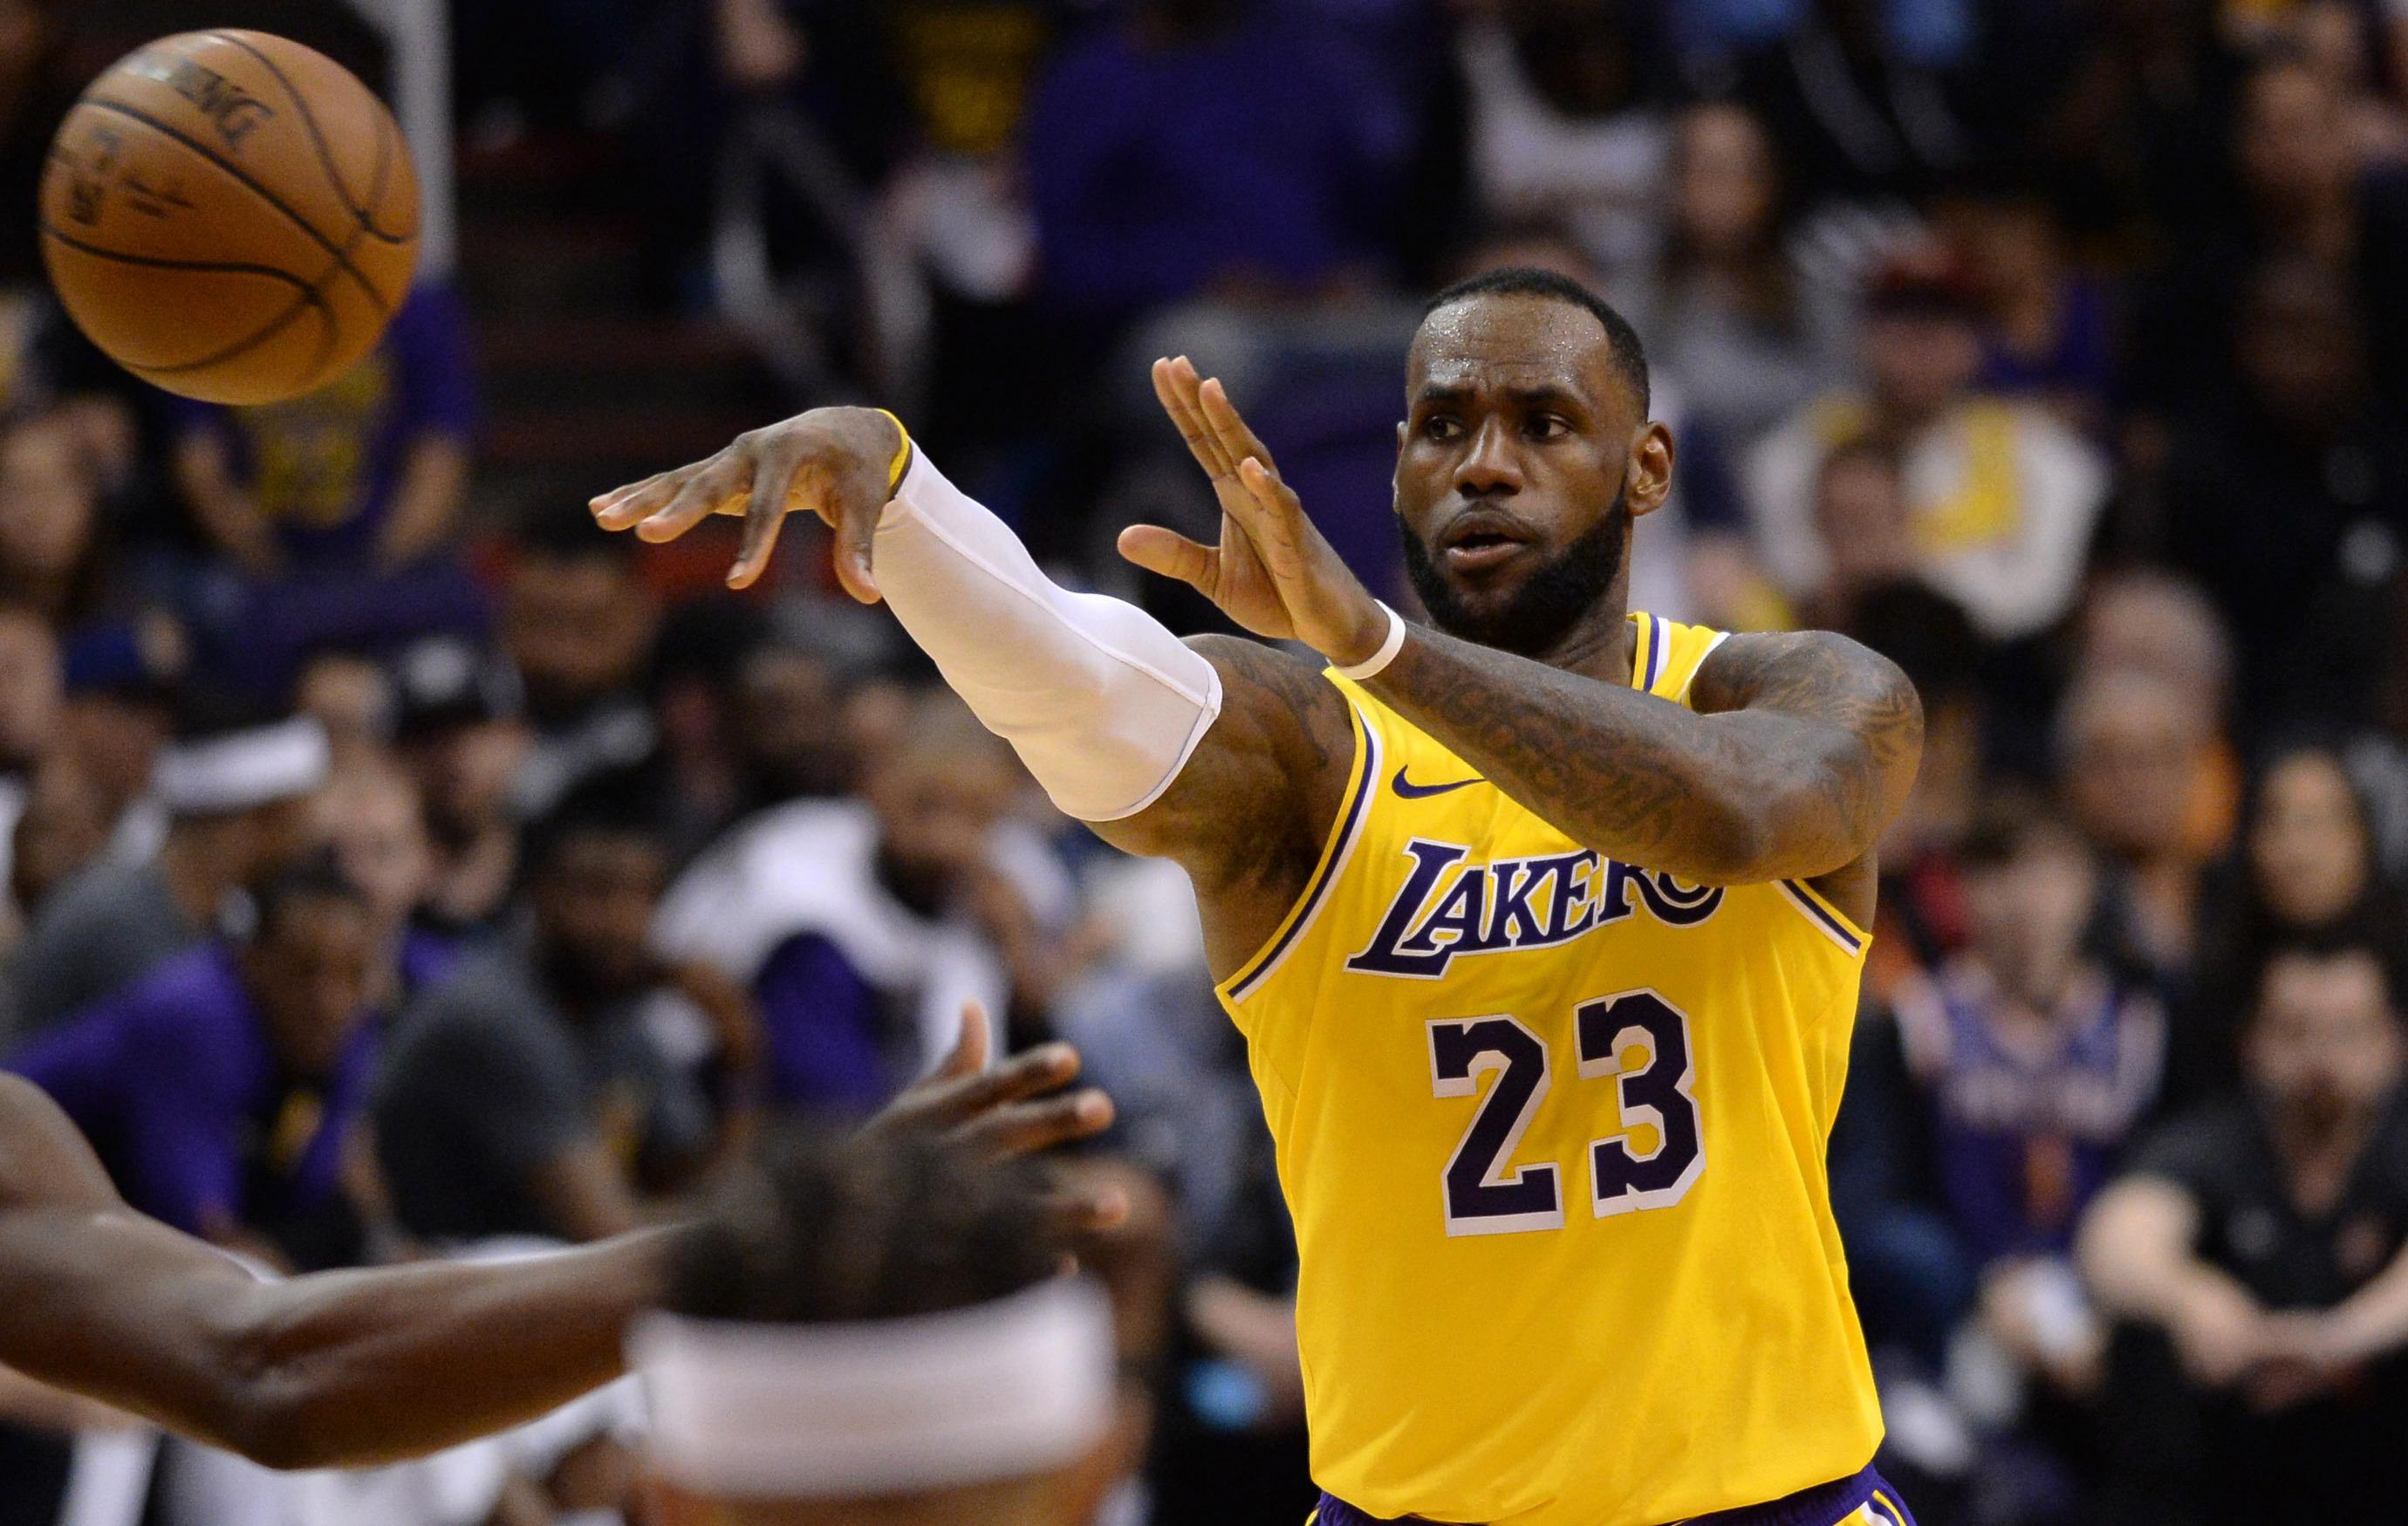 Basket - NBA - NBA: James dépasse Bryant, mais perd avec les Lakers à Philadelphie